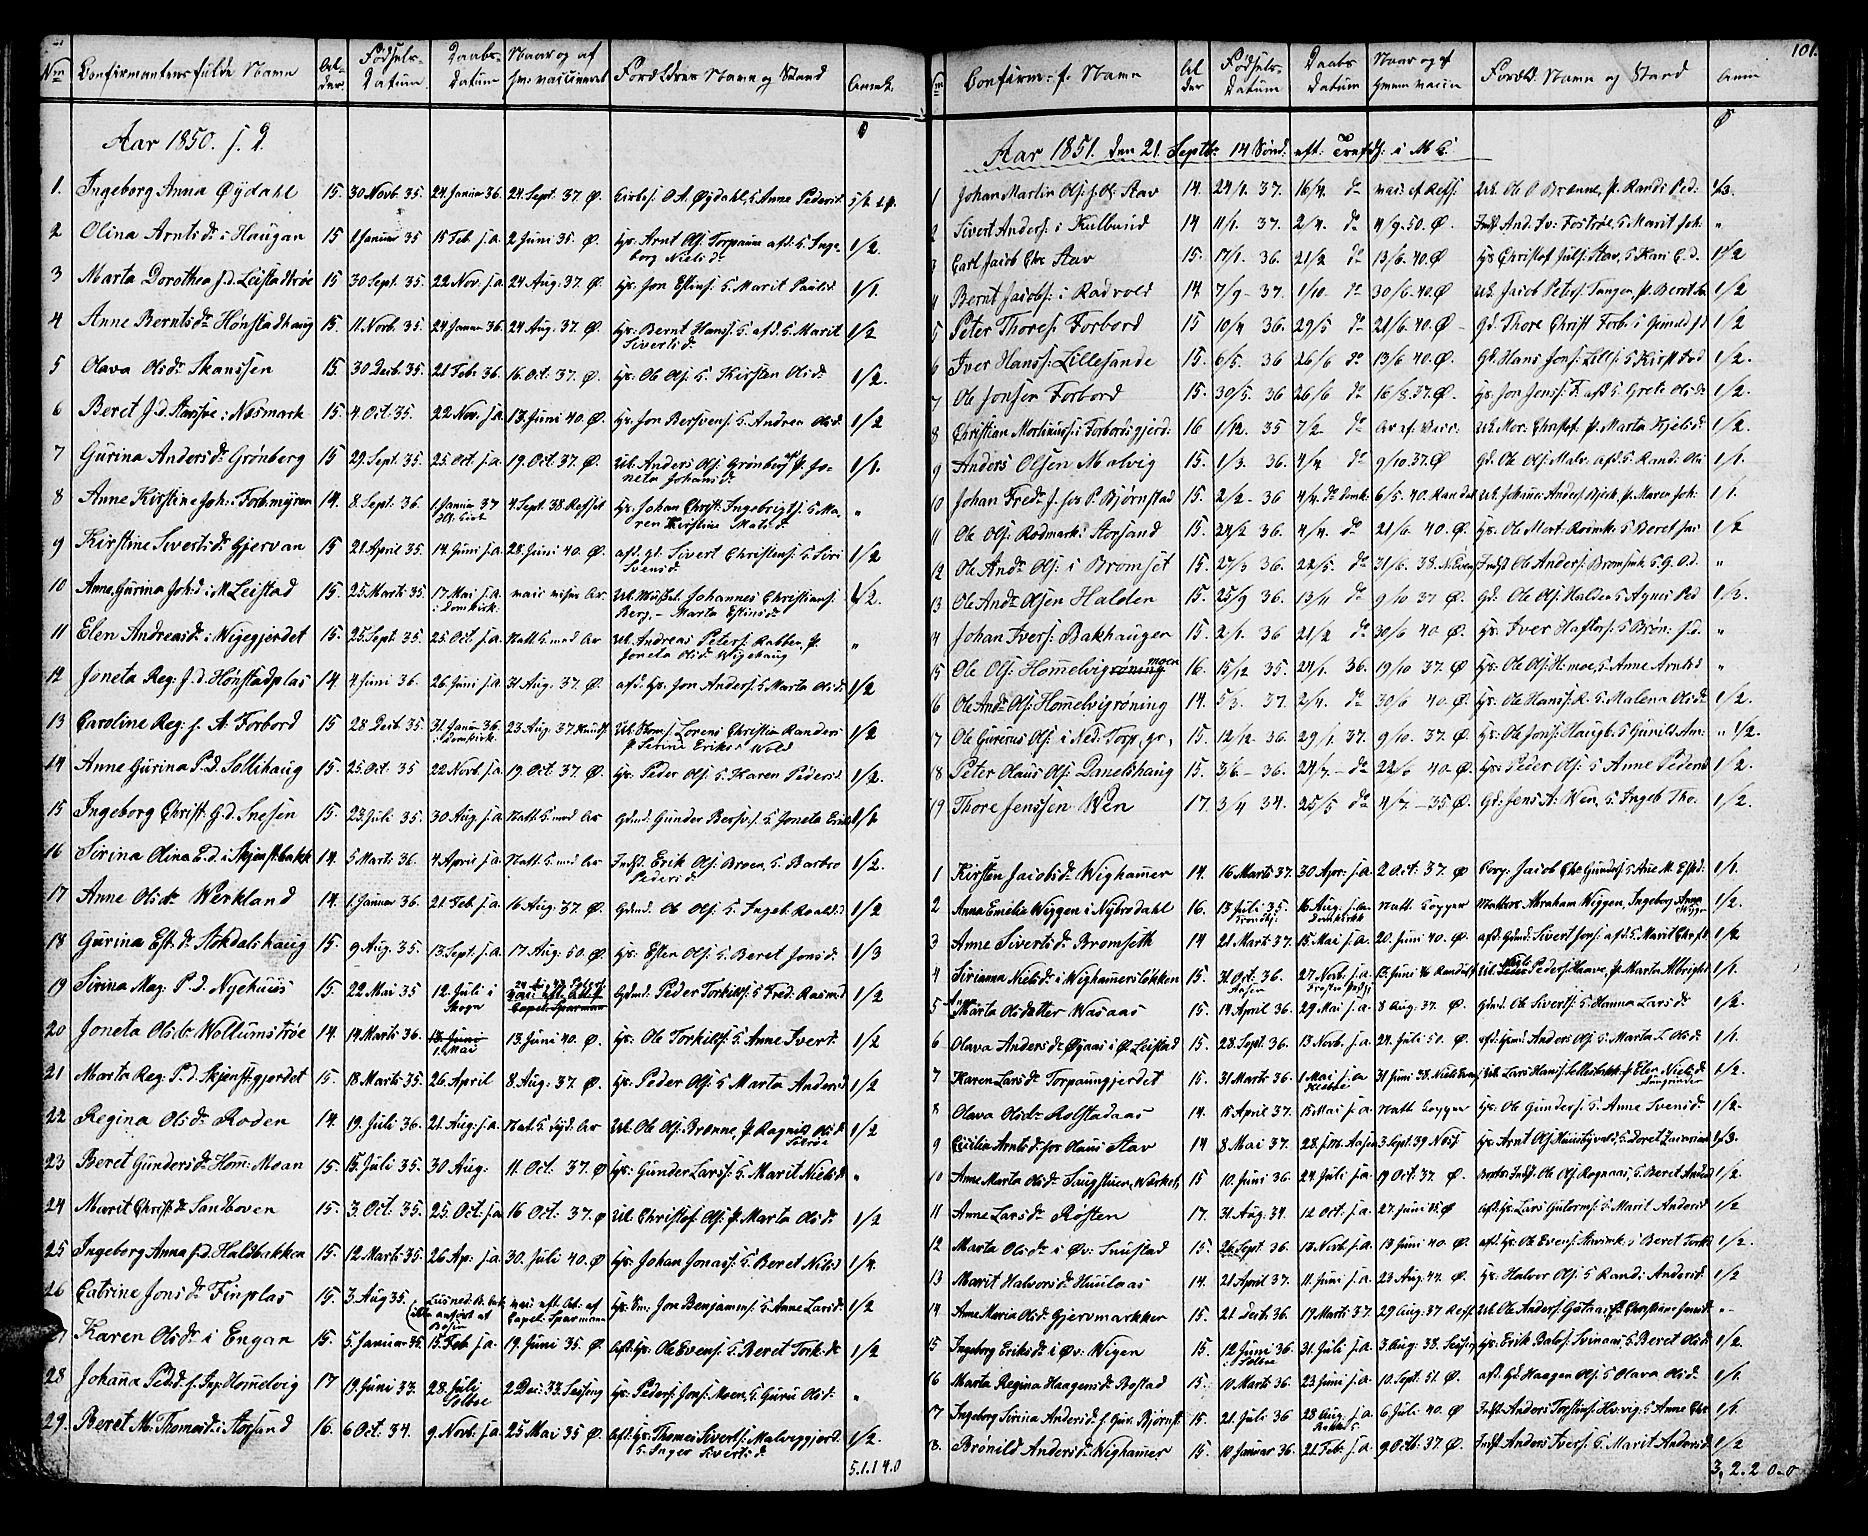 SAT, Ministerialprotokoller, klokkerbøker og fødselsregistre - Sør-Trøndelag, 616/L0422: Klokkerbok nr. 616C05, 1850-1888, s. 101